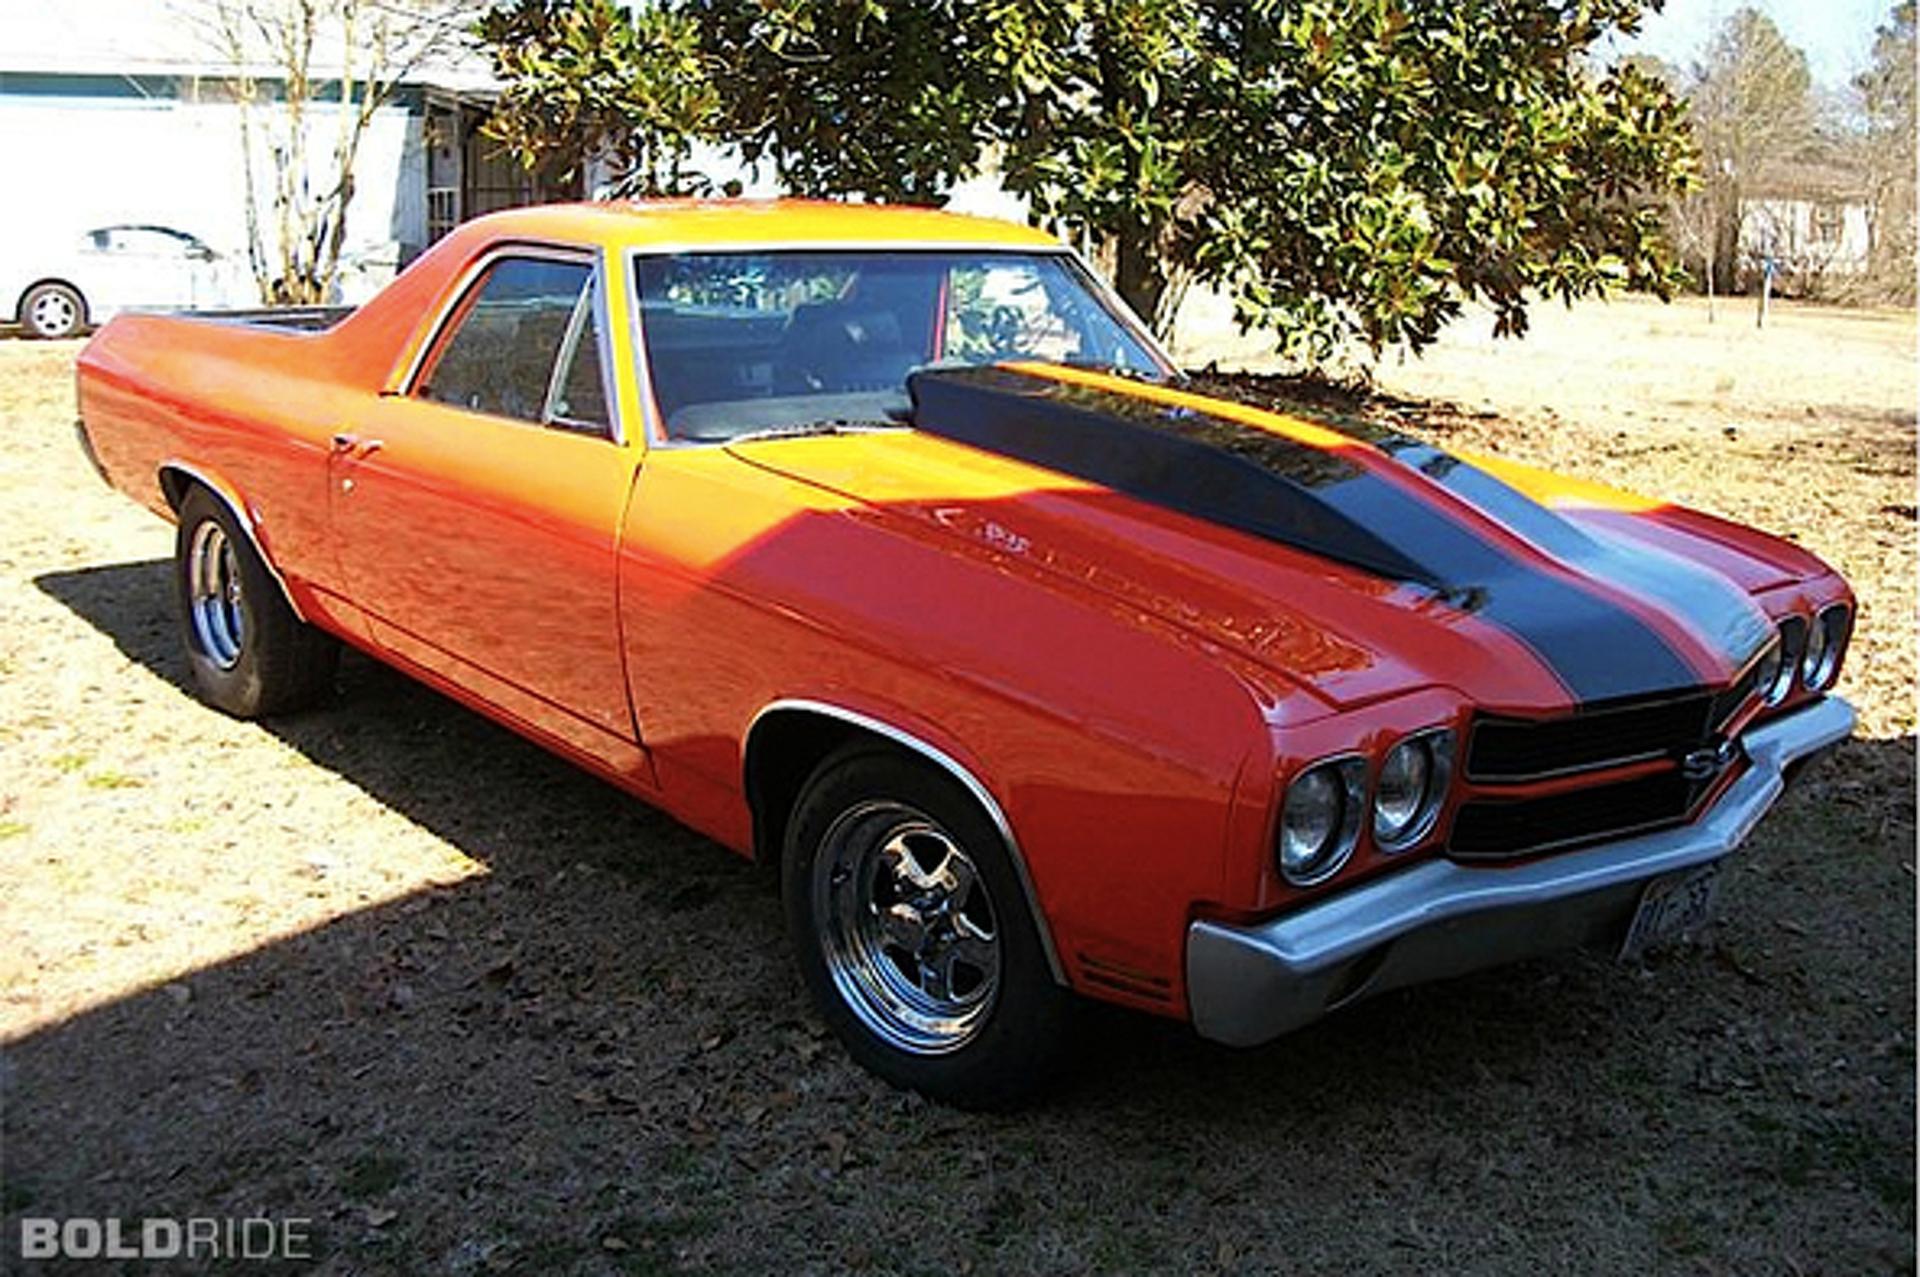 Your Ride: 1970 Chevrolet El Camino SS